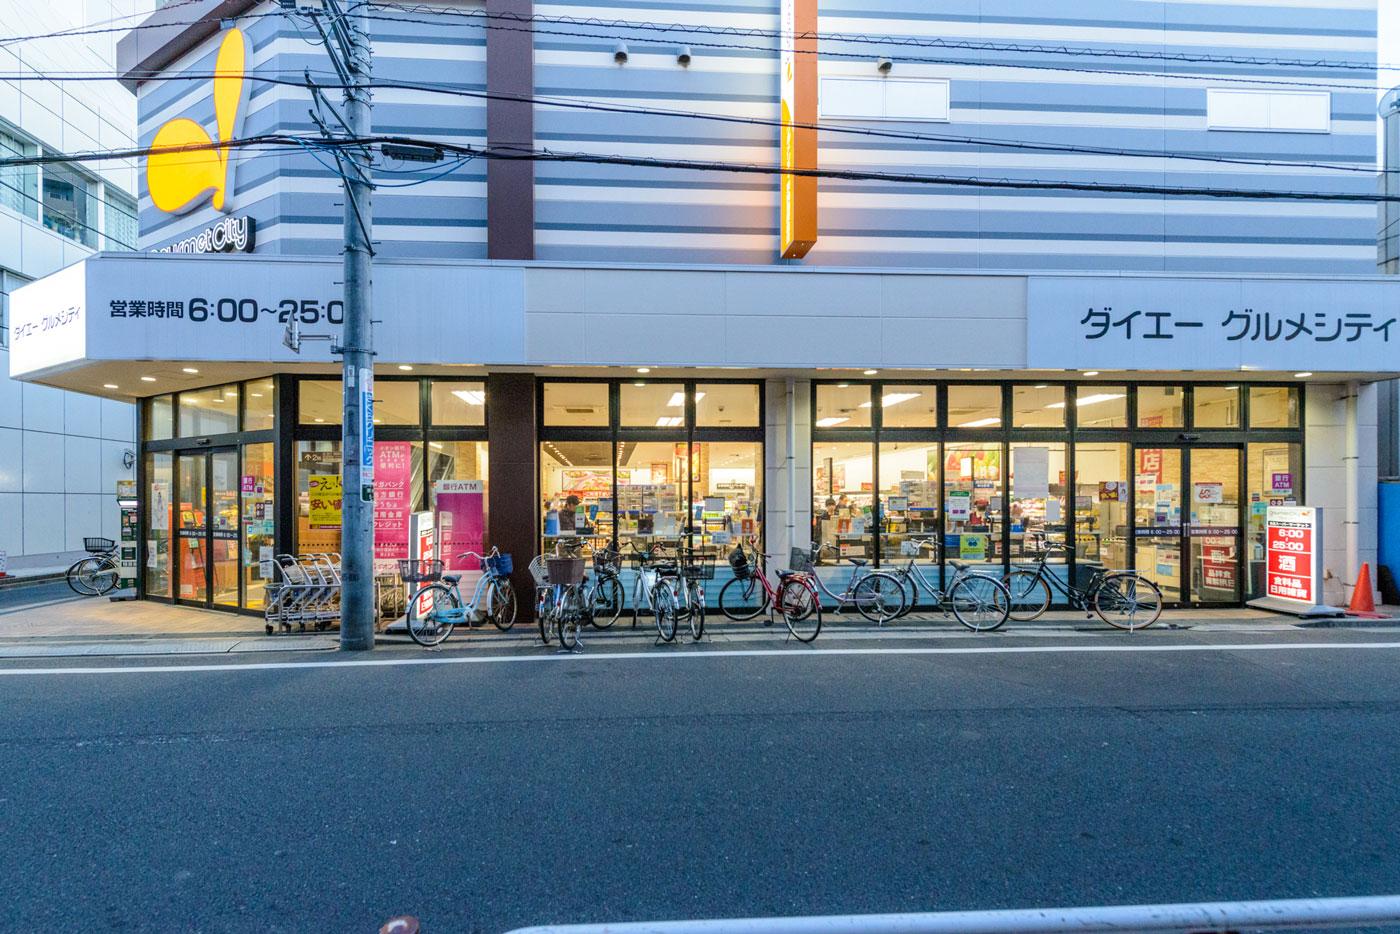 東向島駅 ダイエーグルメシティ(2017年12月17日撮影)